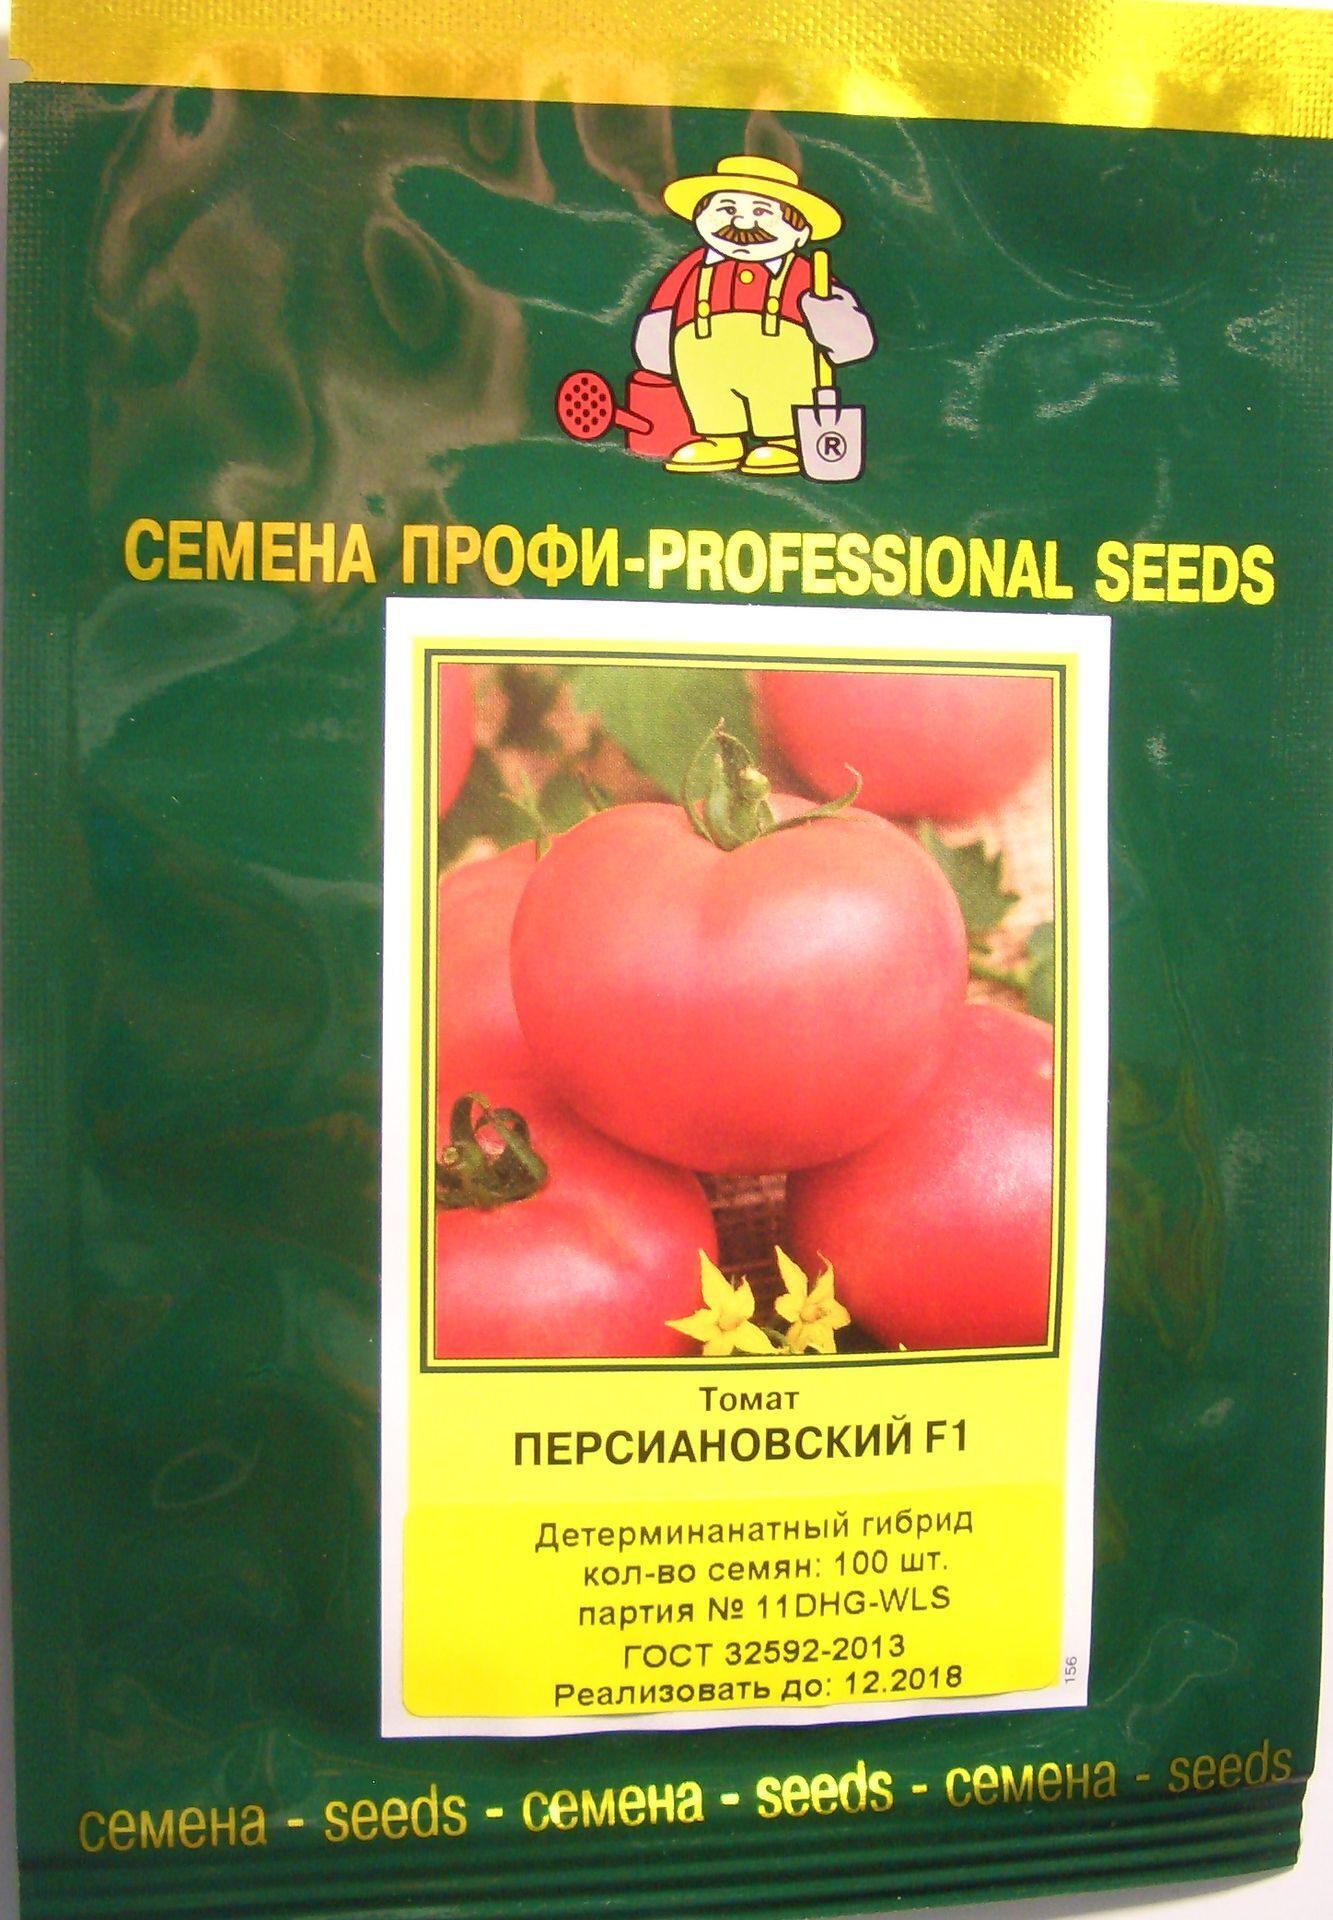 Семена от компании поиск